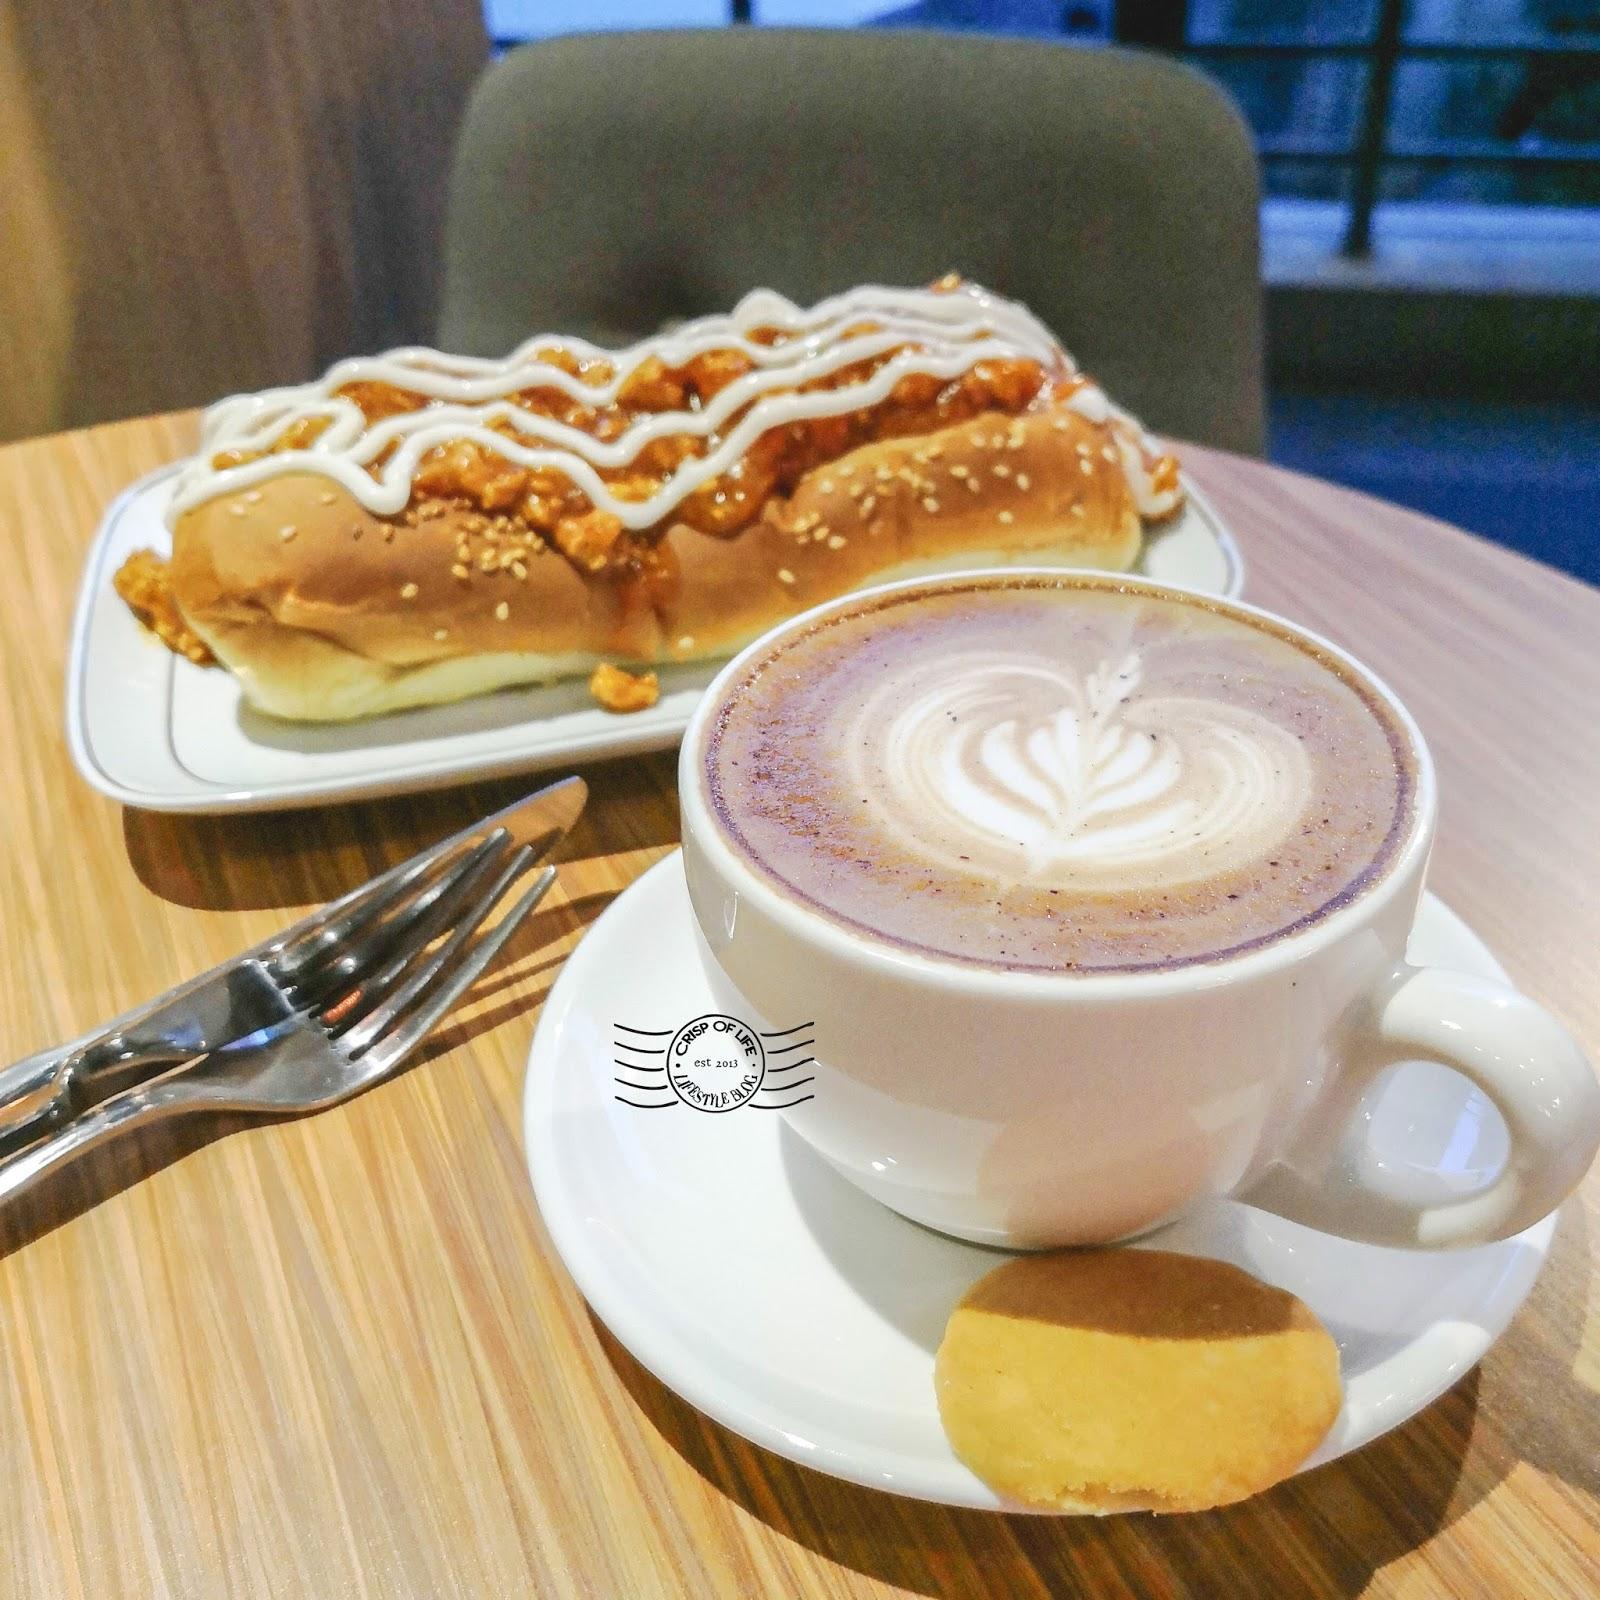 The Bean Cafe @ Lido Plaza, Kota Kinabalu, Sabah